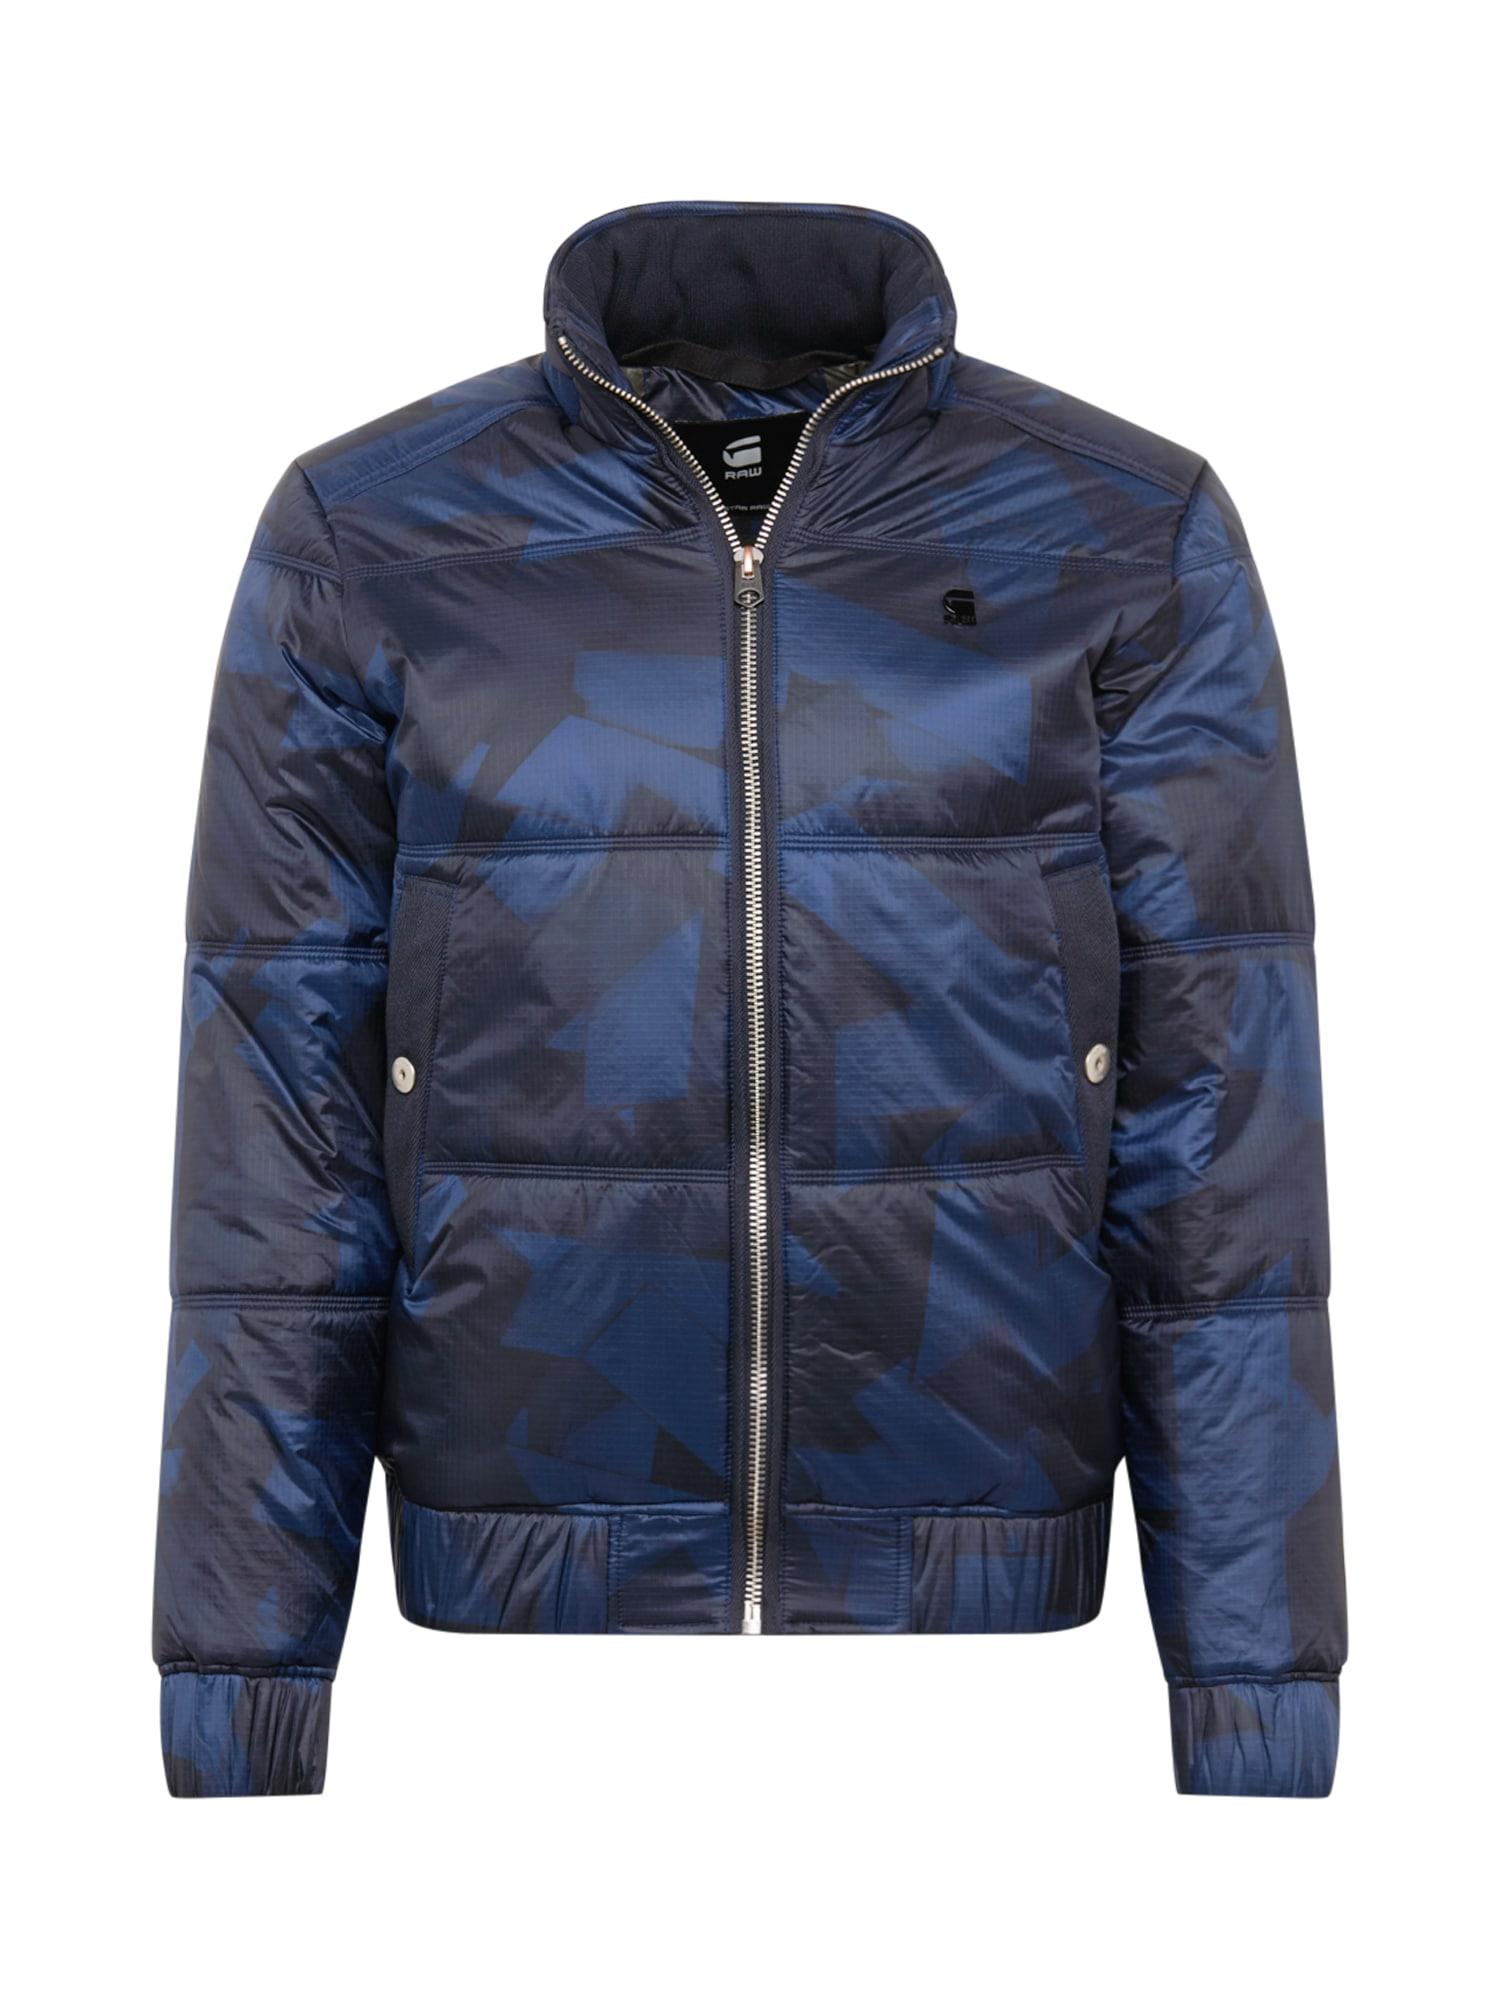 G-Star RAW Přechodná bunda  marine modrá / noční modrá